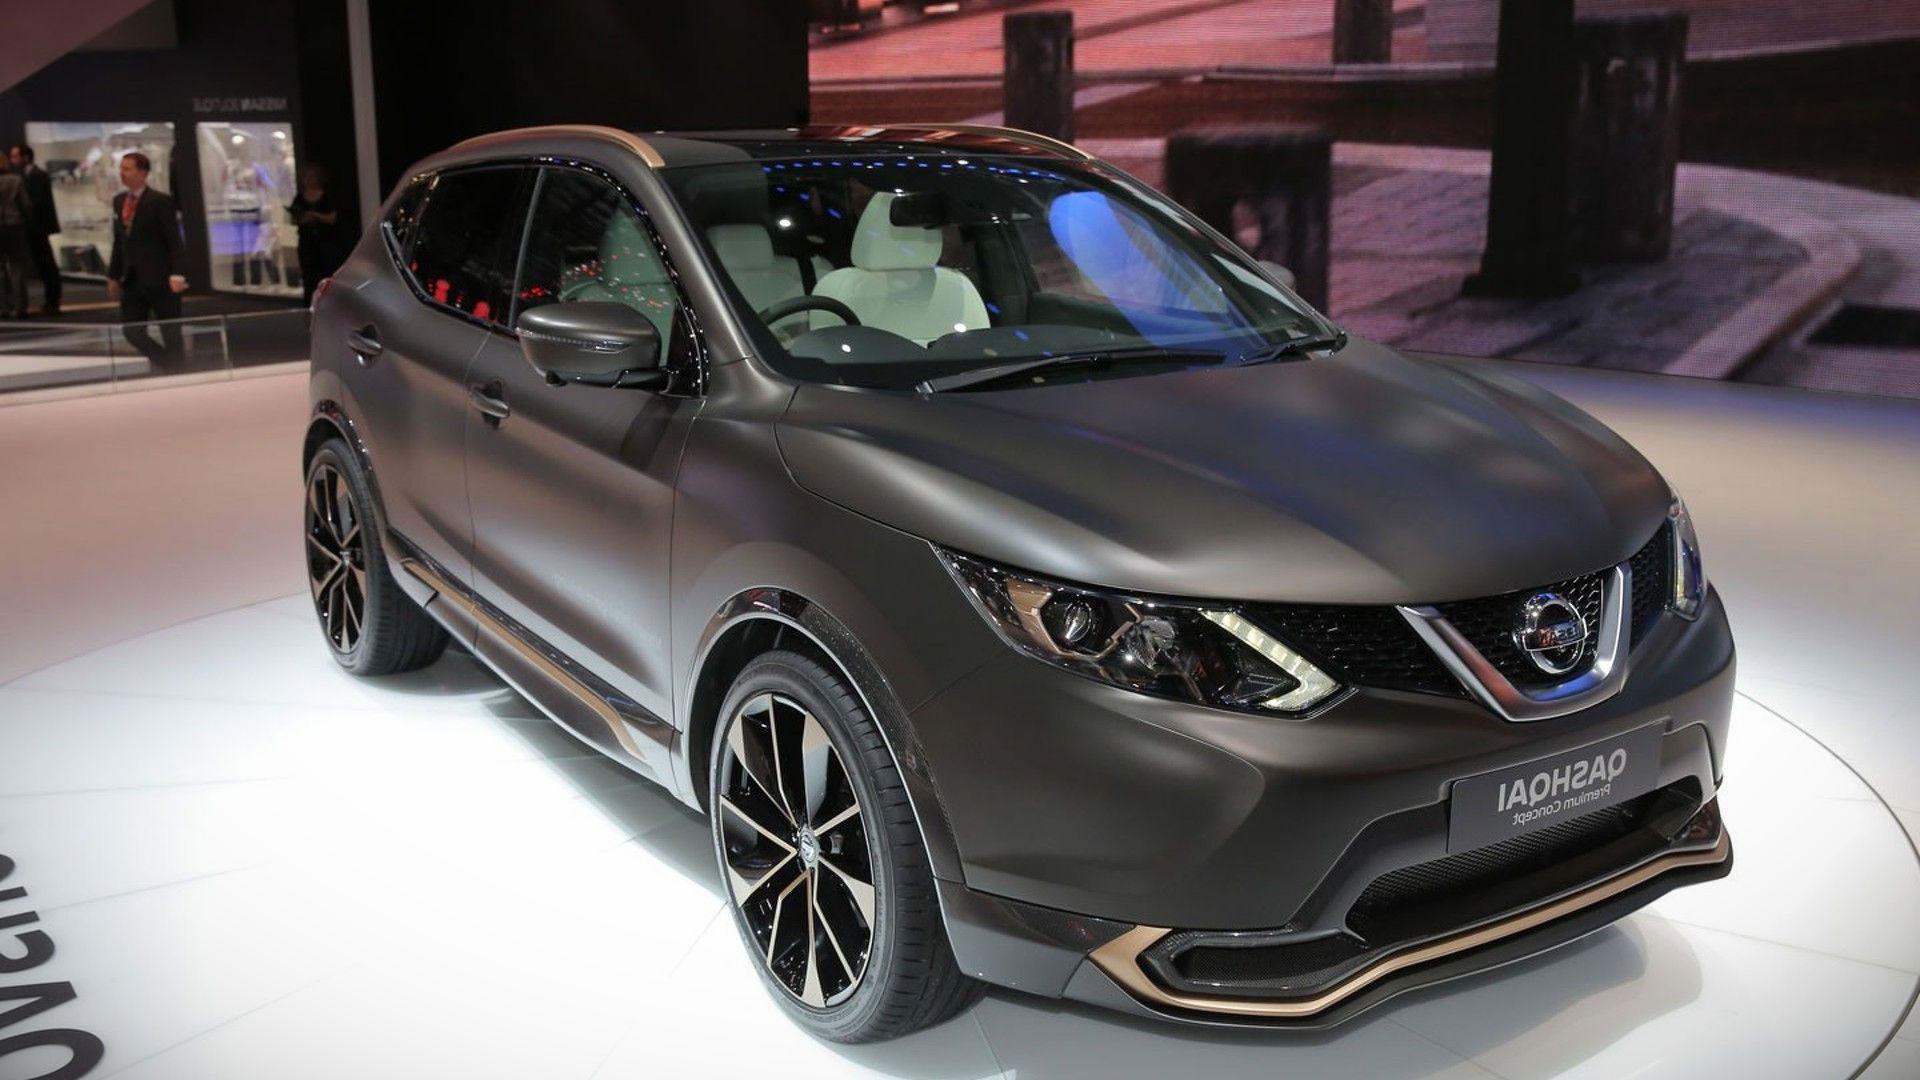 Un ligero maquillaje para el Nissan Qashaqai y la incorporación de mejores materiales y el sistema de conducción semi-autónomo haciéndolo mas seguro y cómodo.